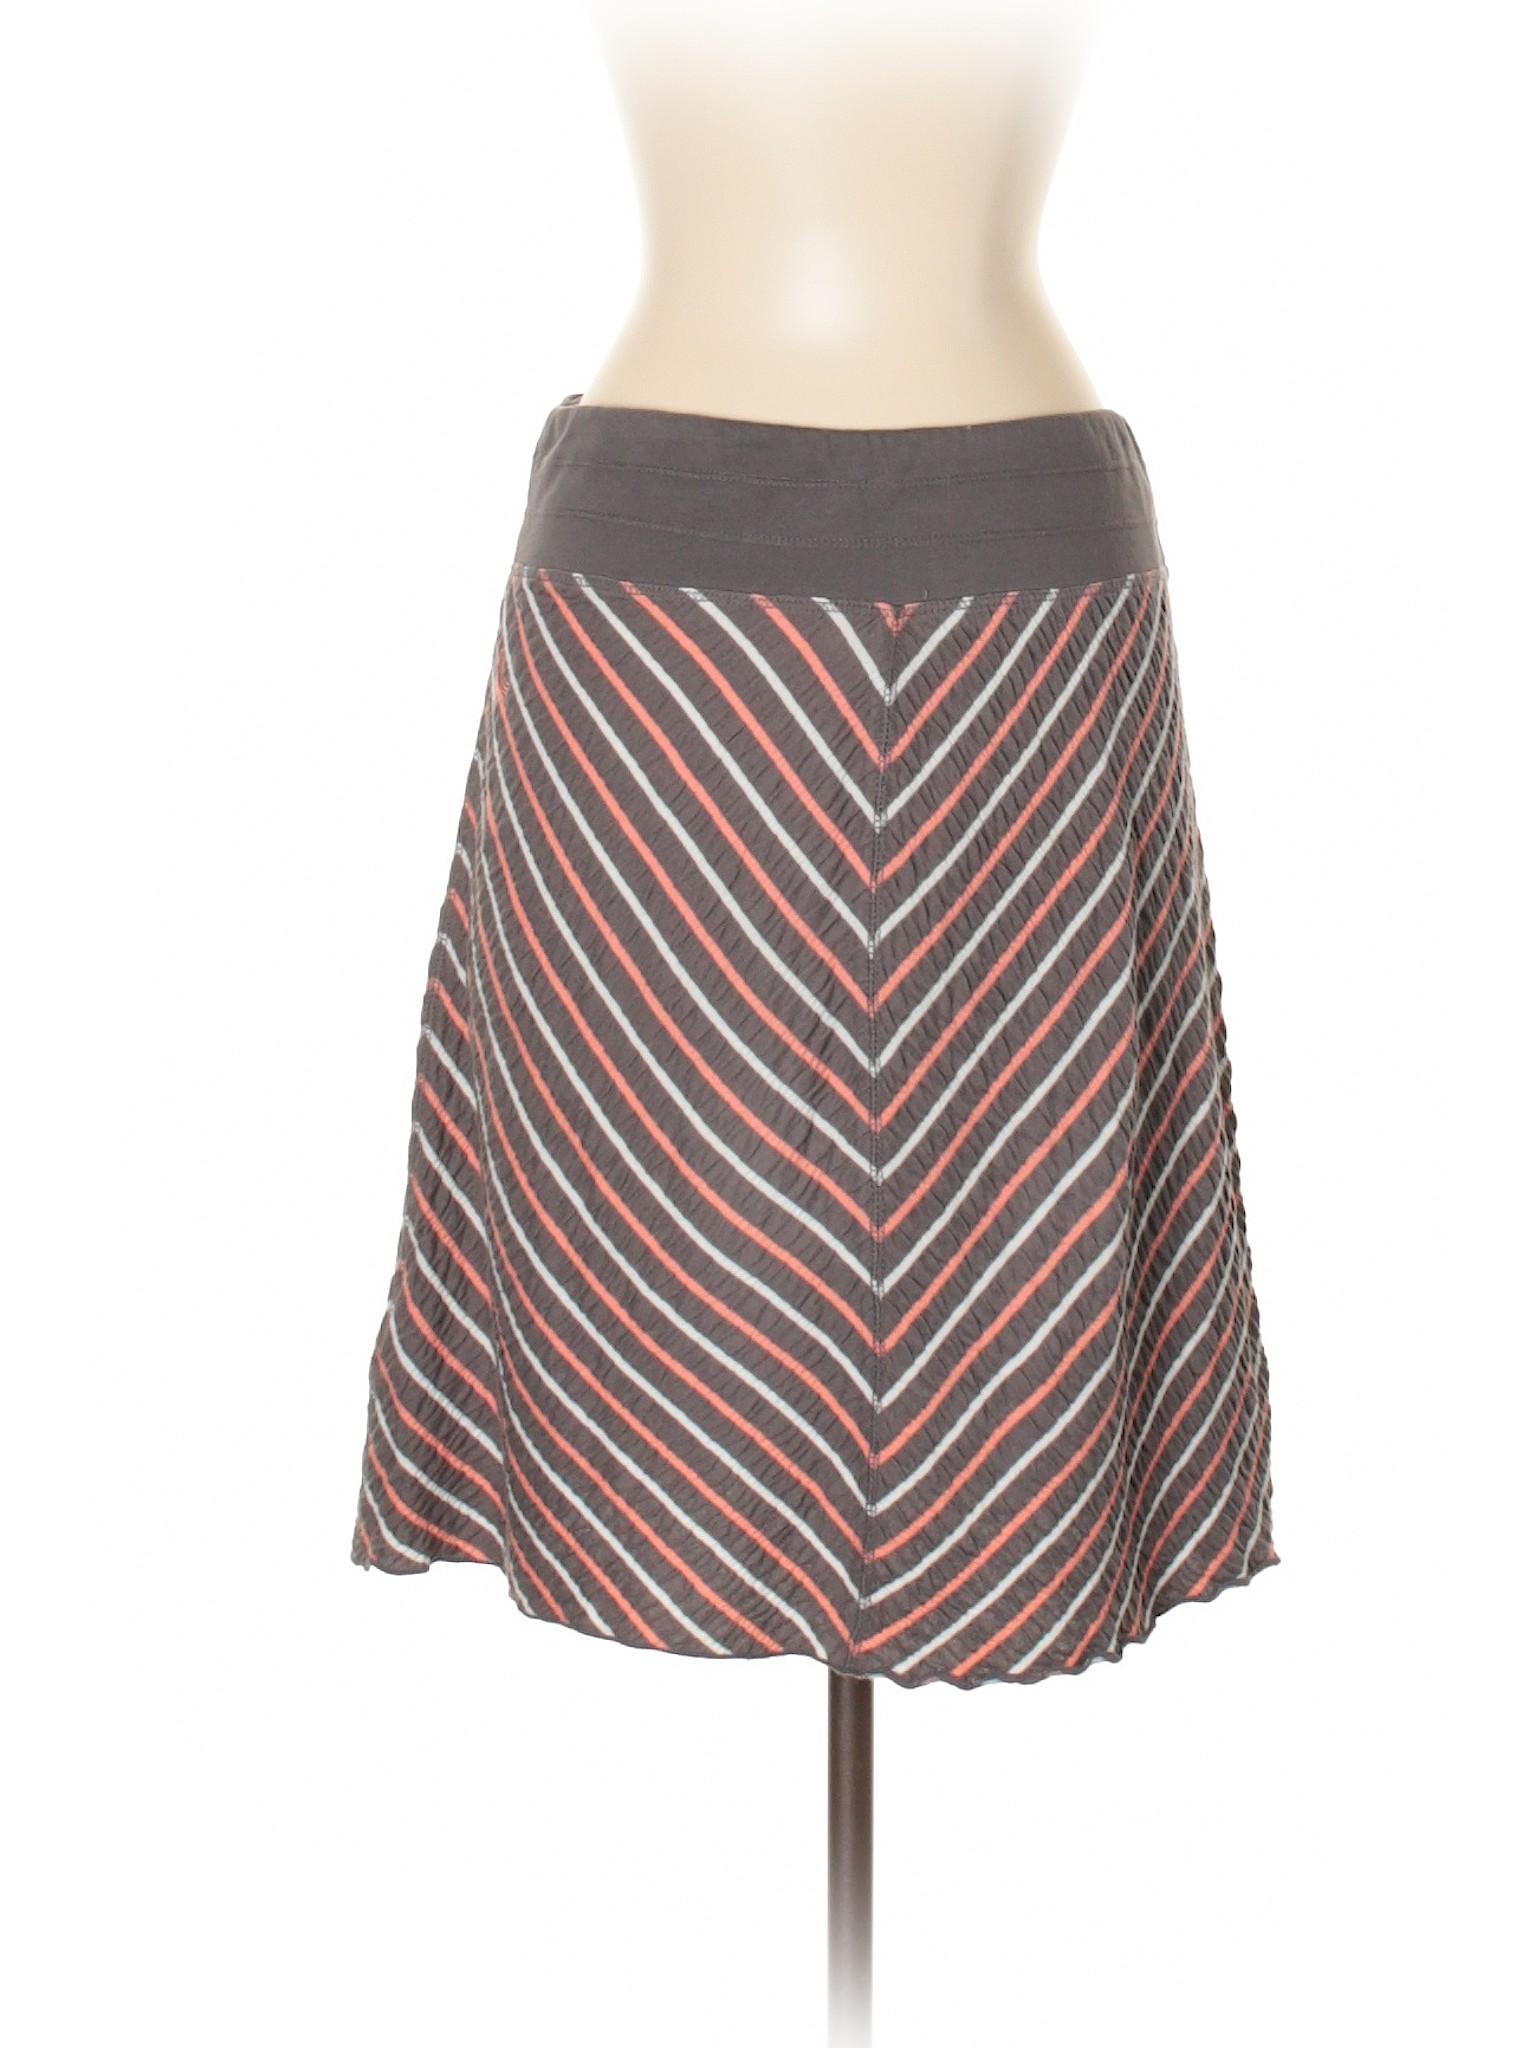 Boutique Boutique Boutique Casual Skirt Casual Skirt Casual dwqvUH